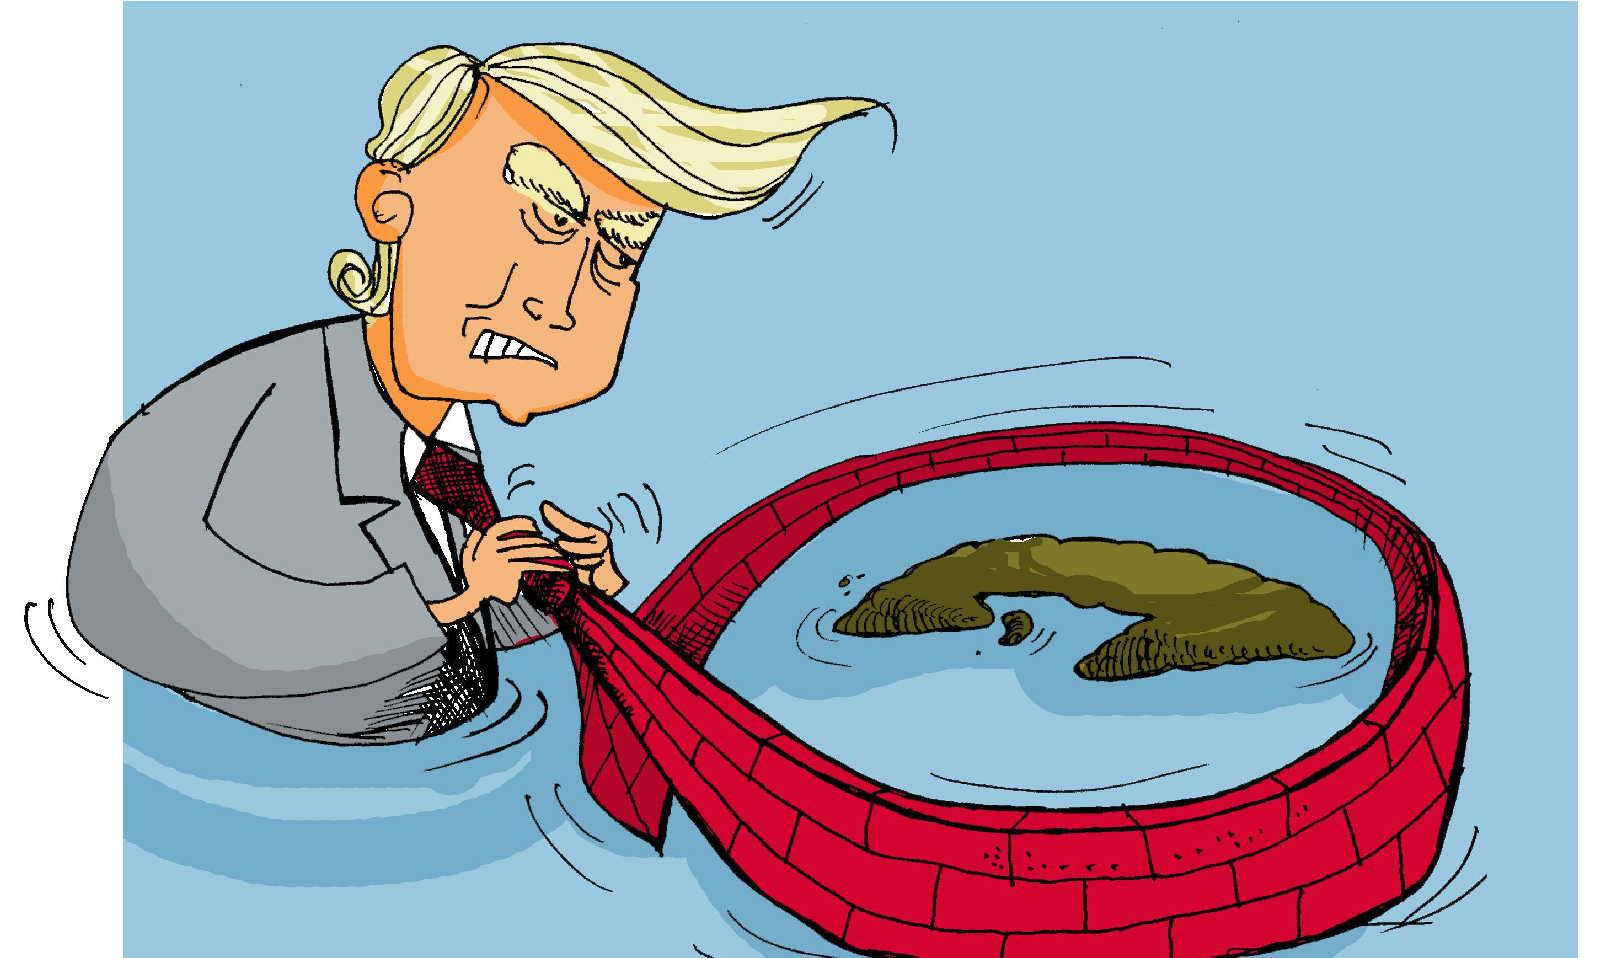 Les États-Unis envisagent d'adopter de nouvelles sanctions contre Cuba